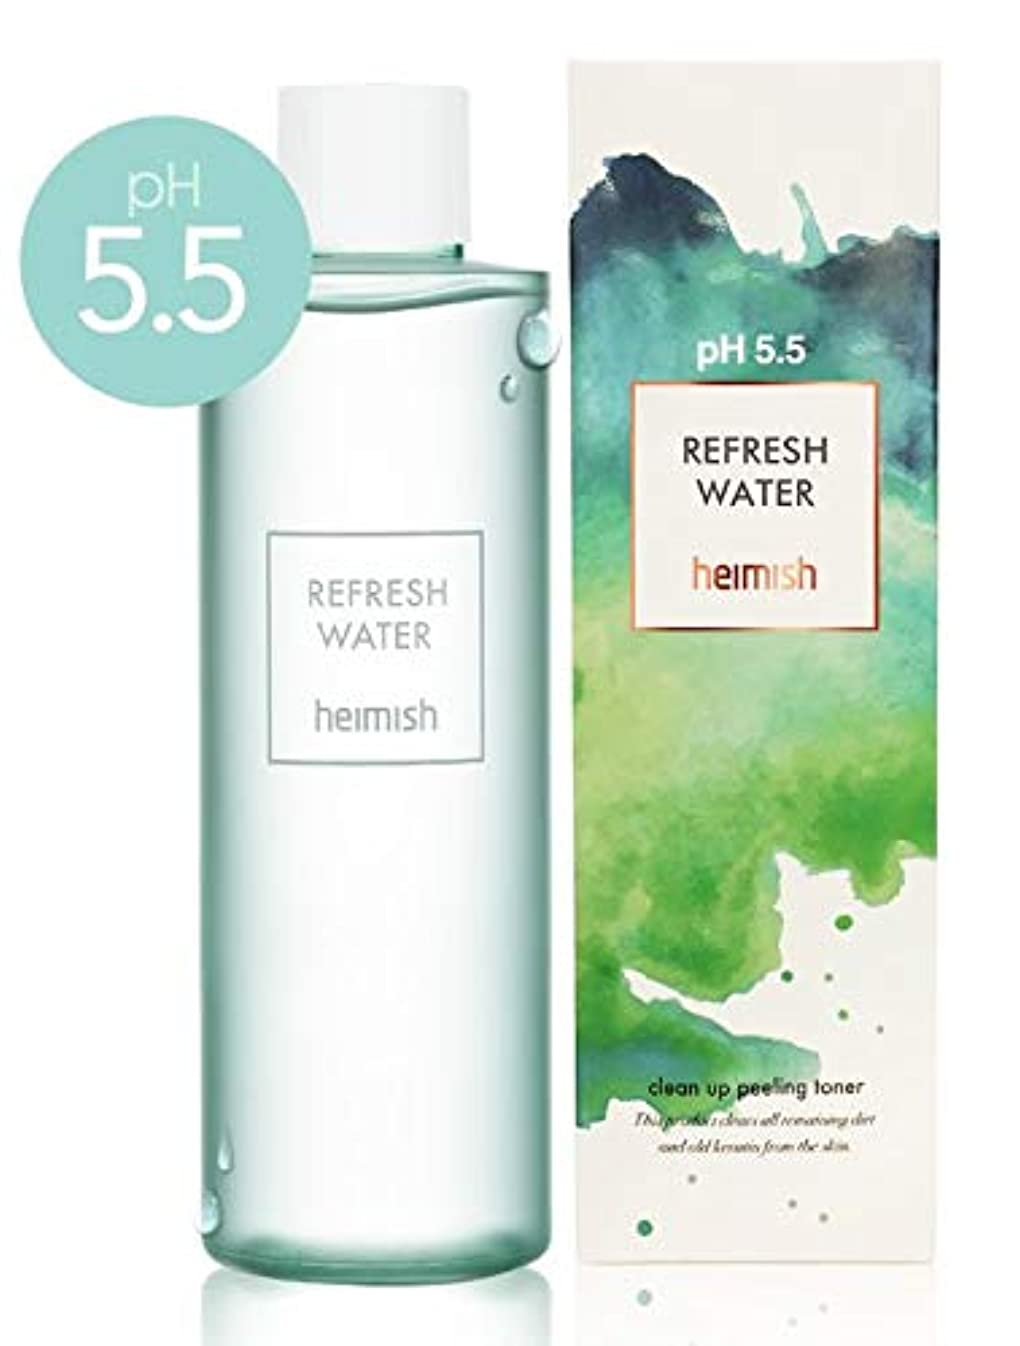 ヘッジ硬い自然公園Heimish pH5.5 Refresh Water/ヘイミッシュリフレッシュ ウォーター 250ml [並行輸入品]